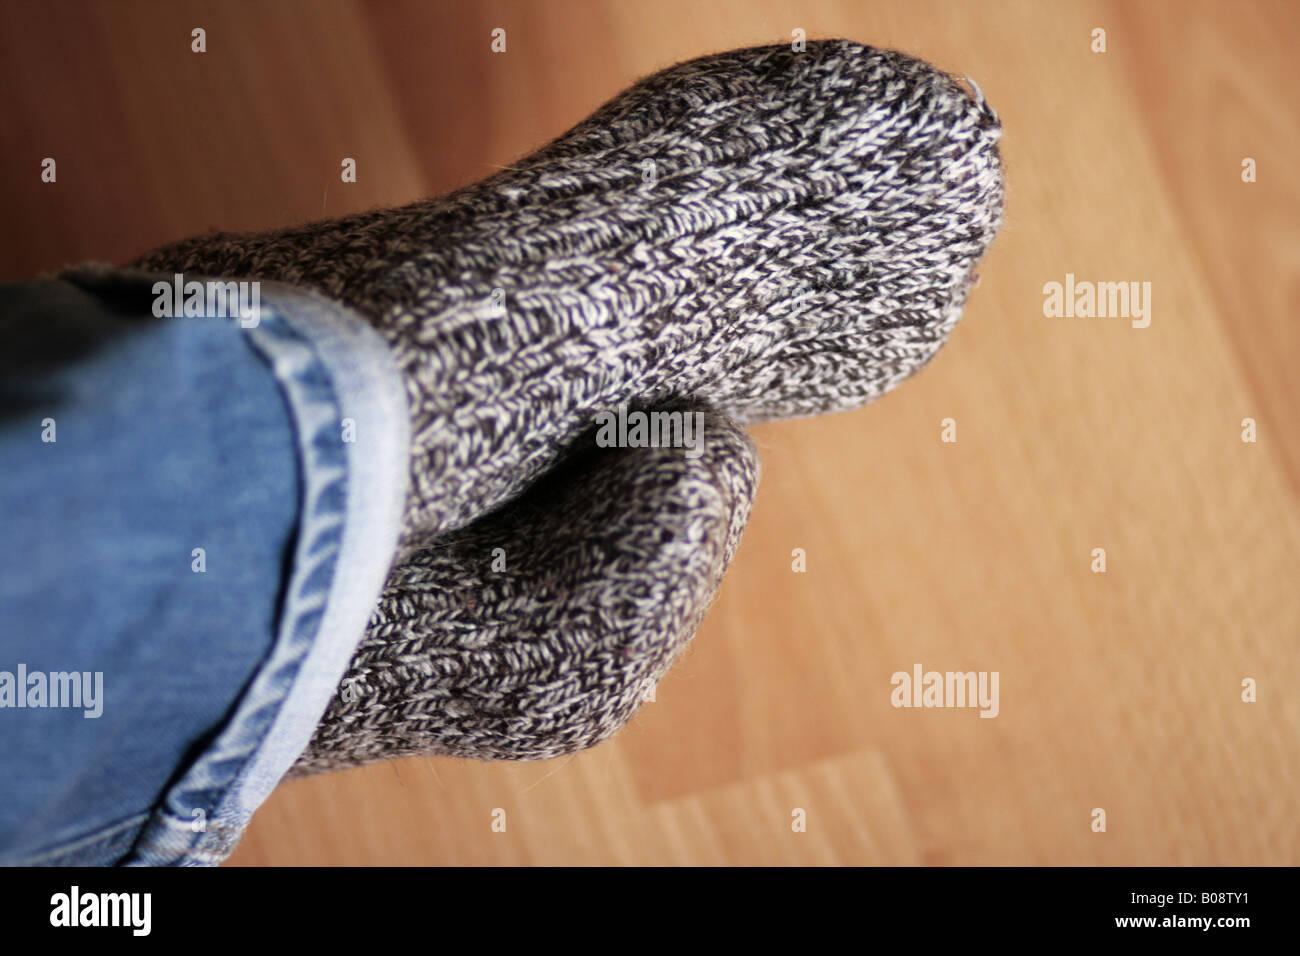 f e riechen stockfoto bild 17405557 alamy. Black Bedroom Furniture Sets. Home Design Ideas